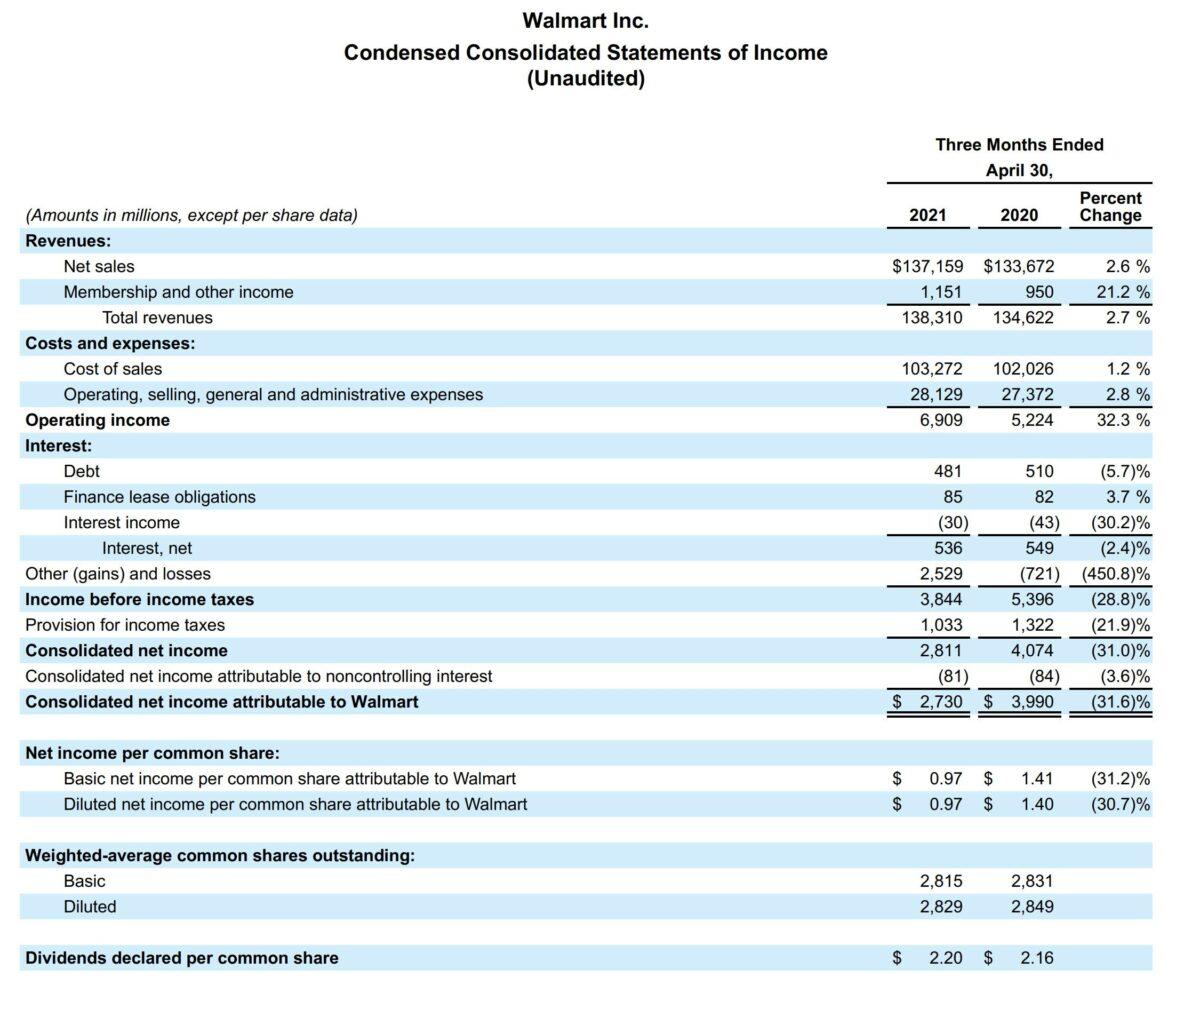 Details zu den Quartalszahlen von Walmart